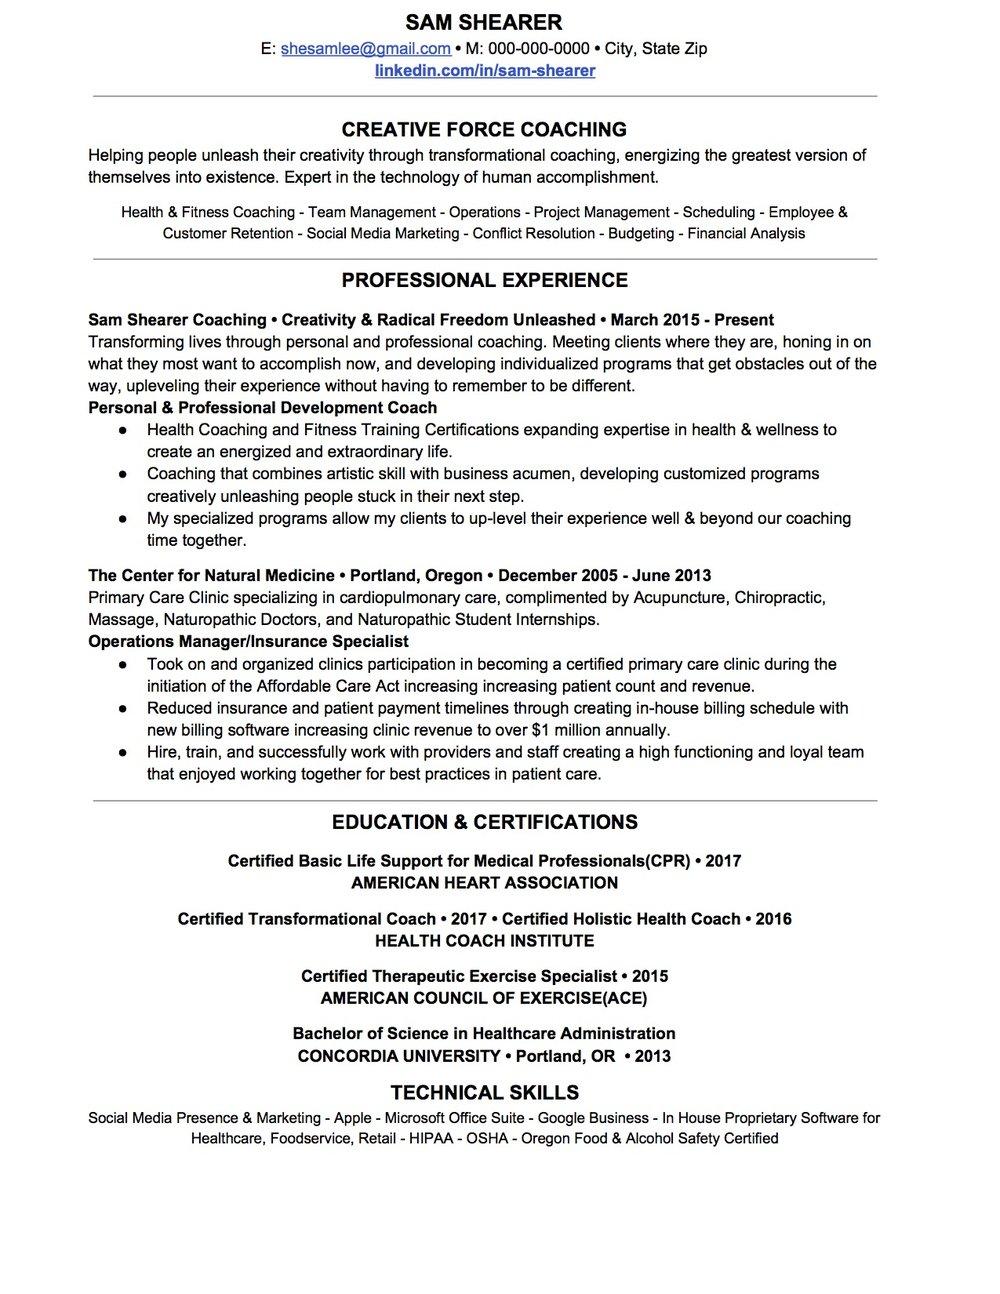 Shearer_Sam_2018_Resume.jpg